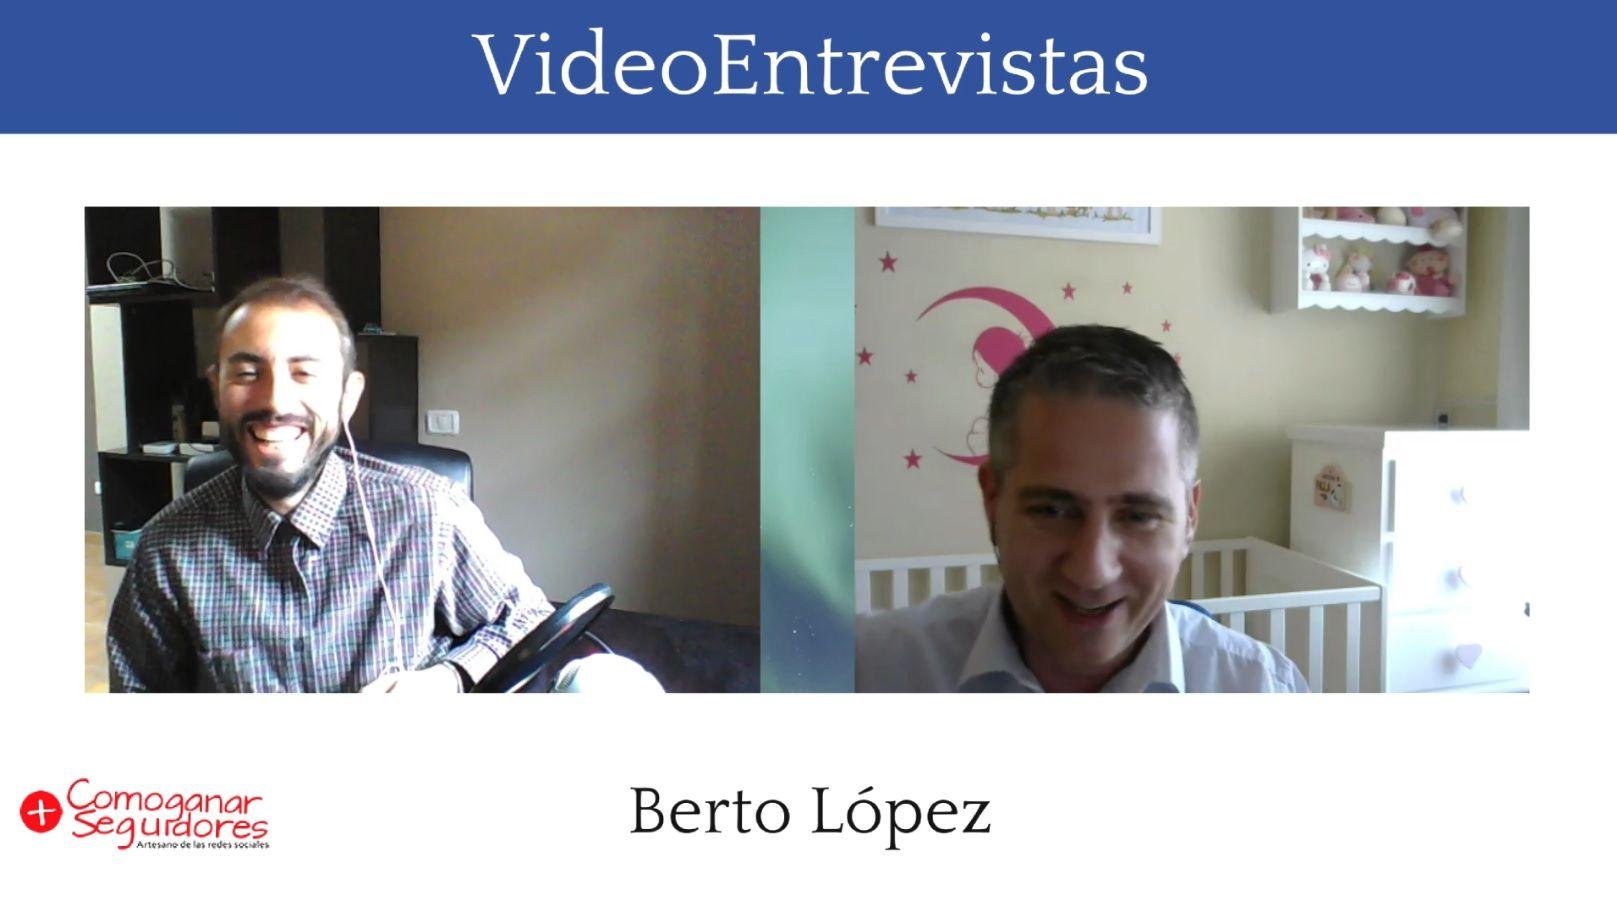 Berto Lopez